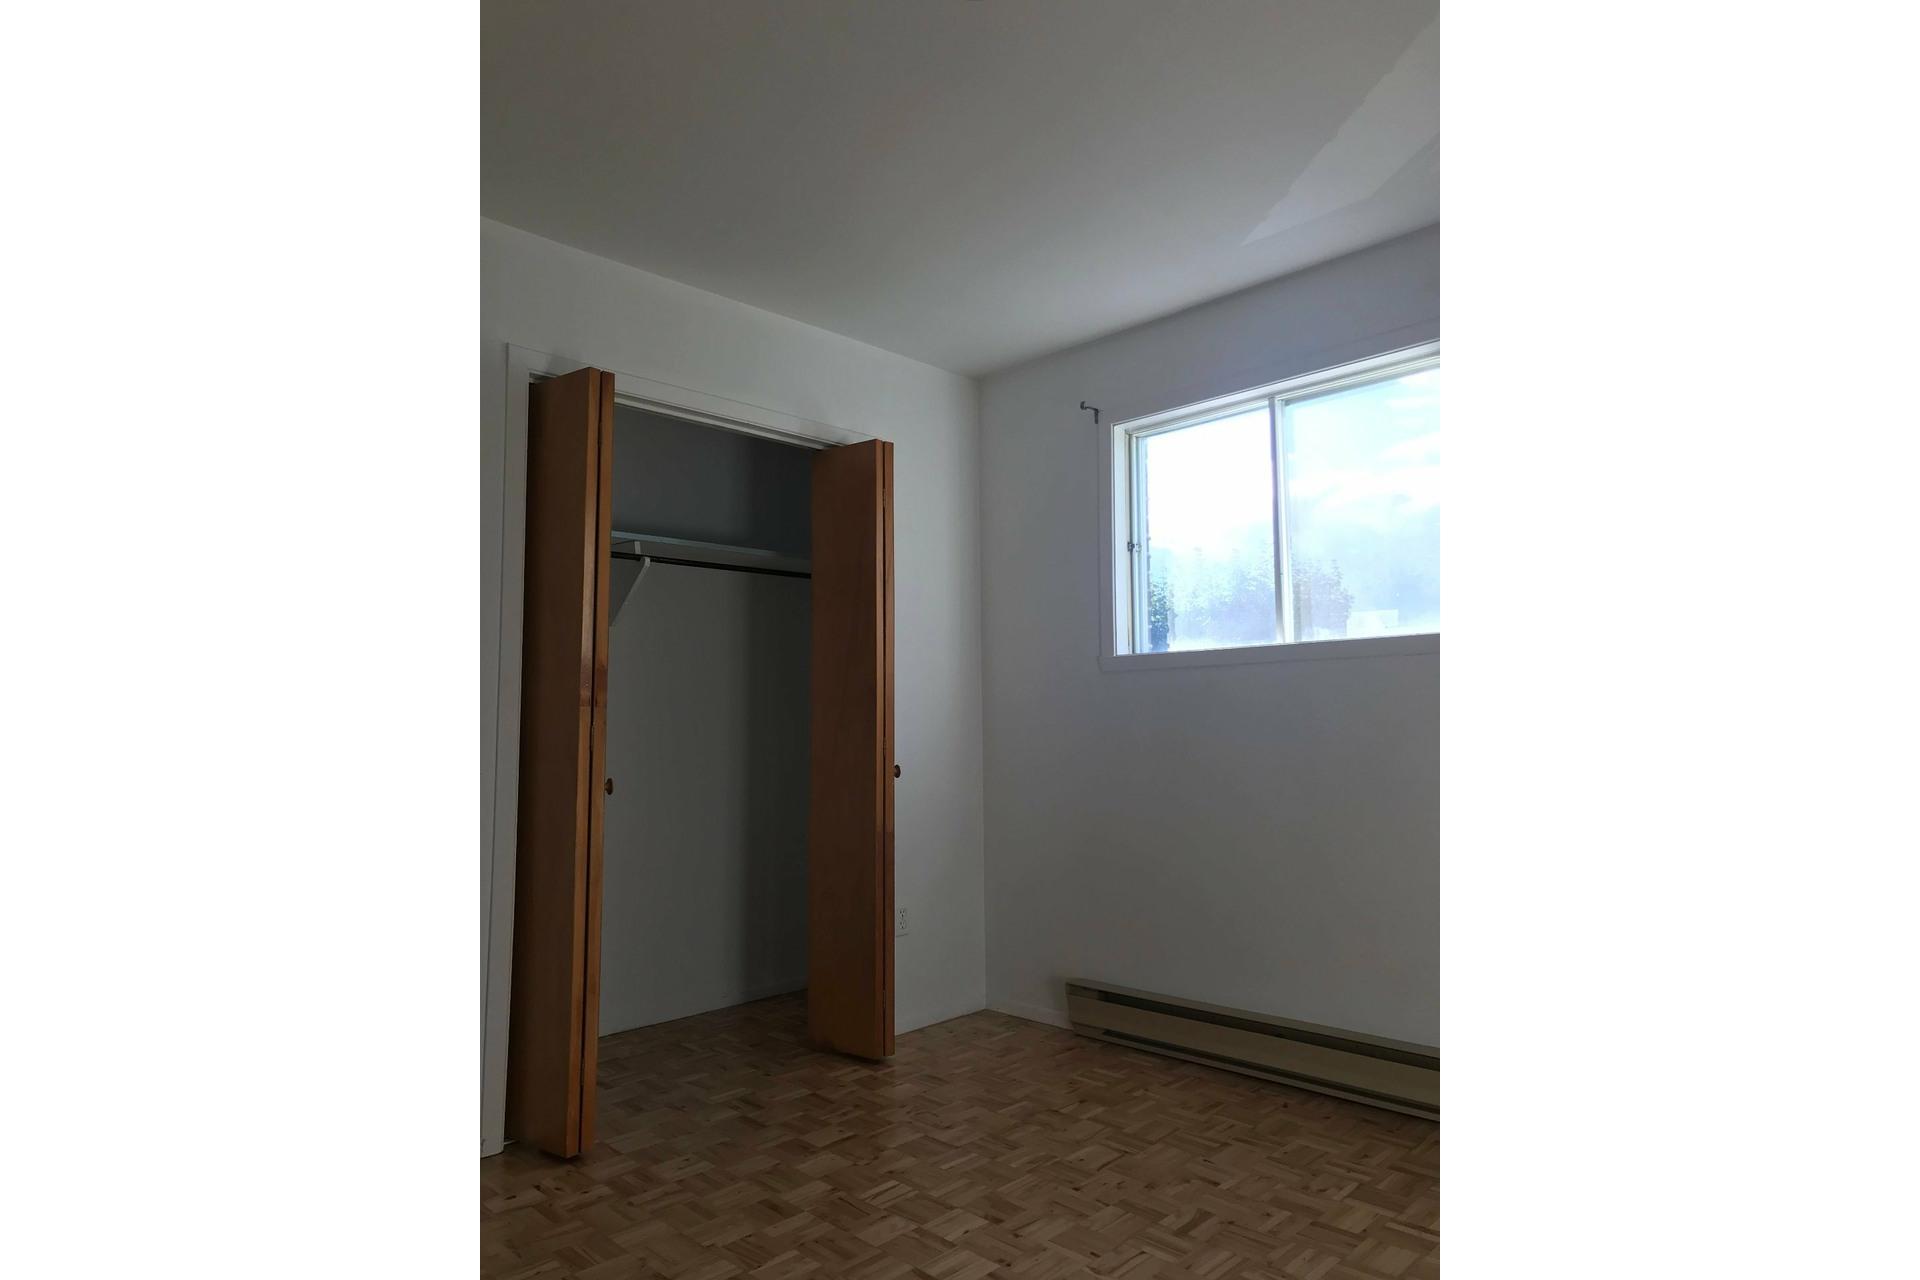 image 1 - Appartement À louer Sorel-Tracy - 5 pièces